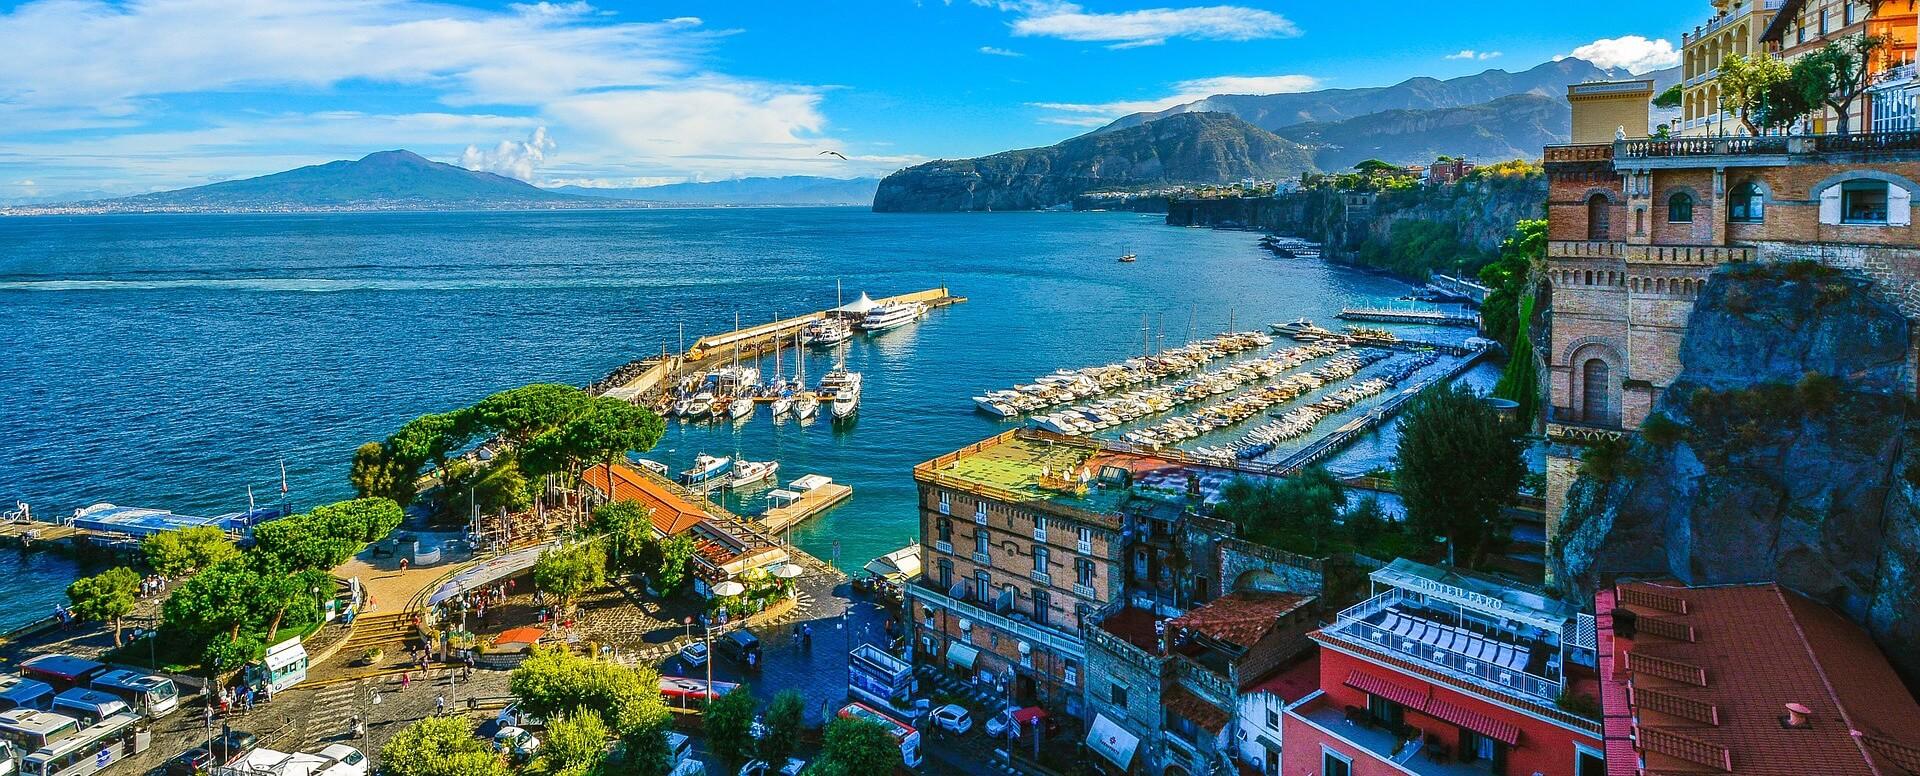 Activités à faire sur la côte amalfitaine - Côte Amalfitaine